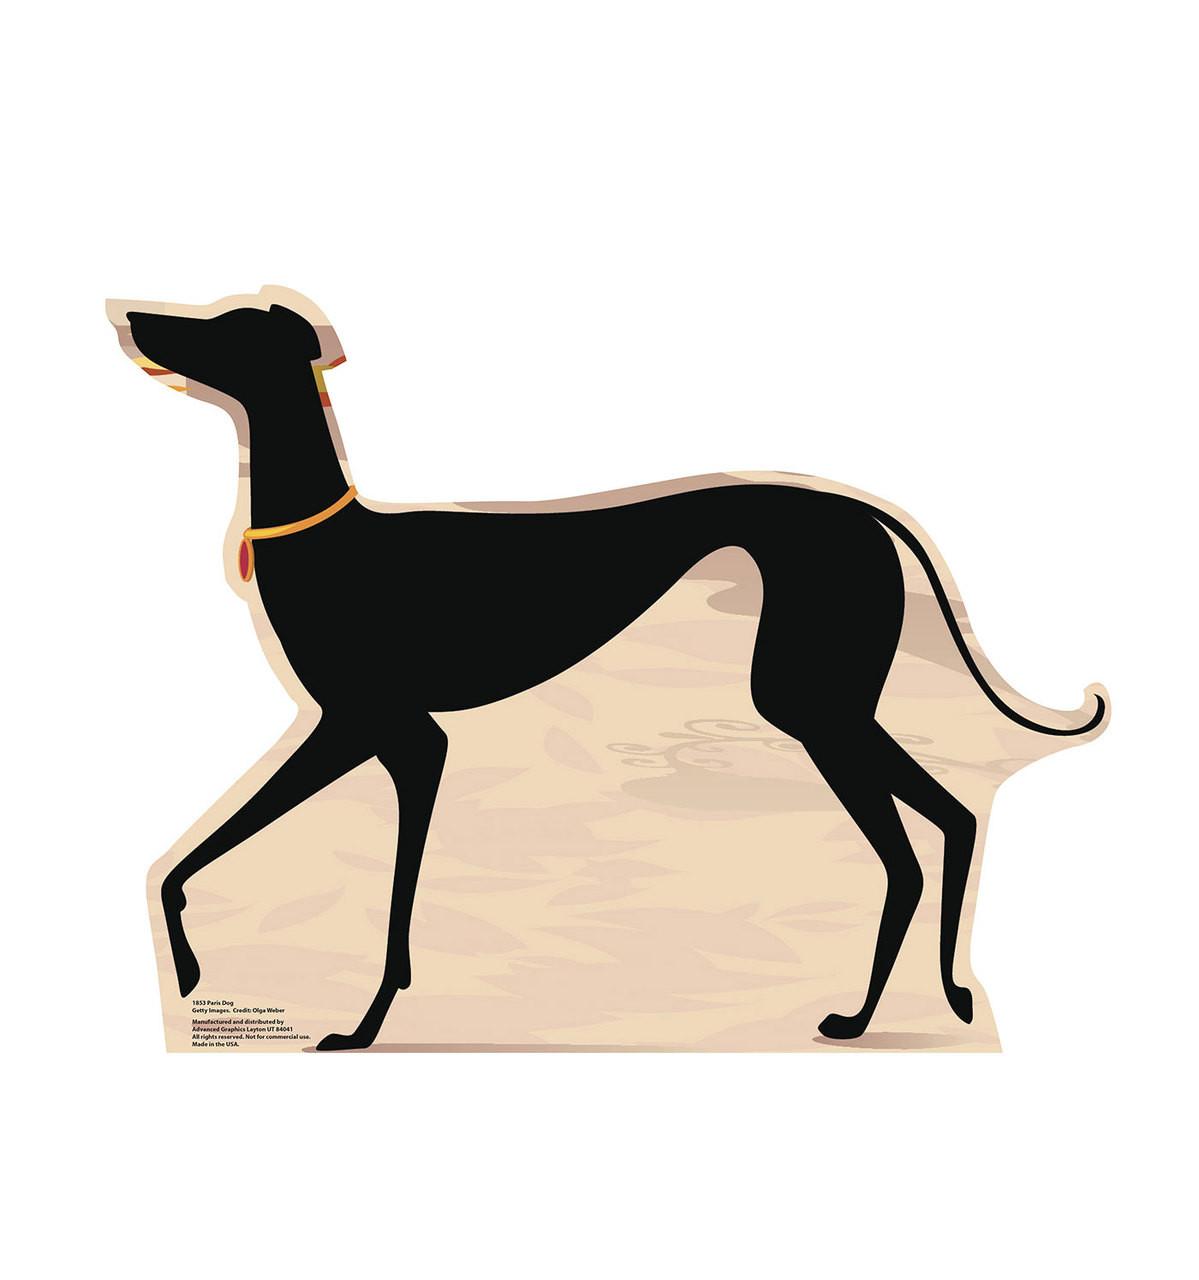 Life-size Paris Dog Cardboard Standup